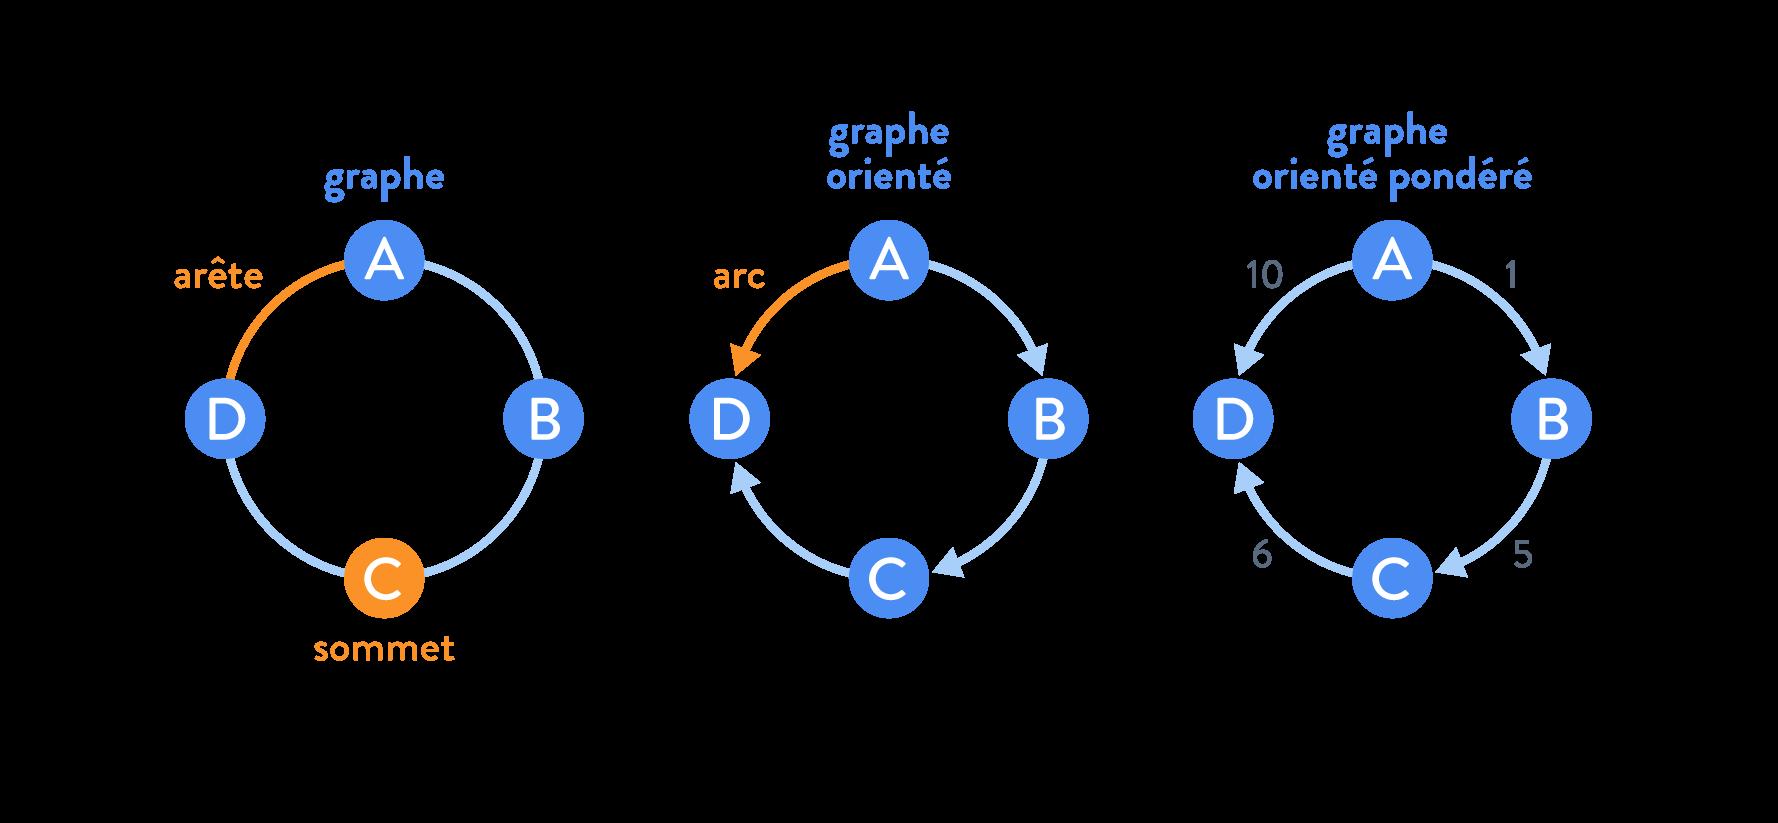 Un graphe, un graphe orienté et un graphe orienté pondéré arête arc sommet sciences numériques et technologie seconde